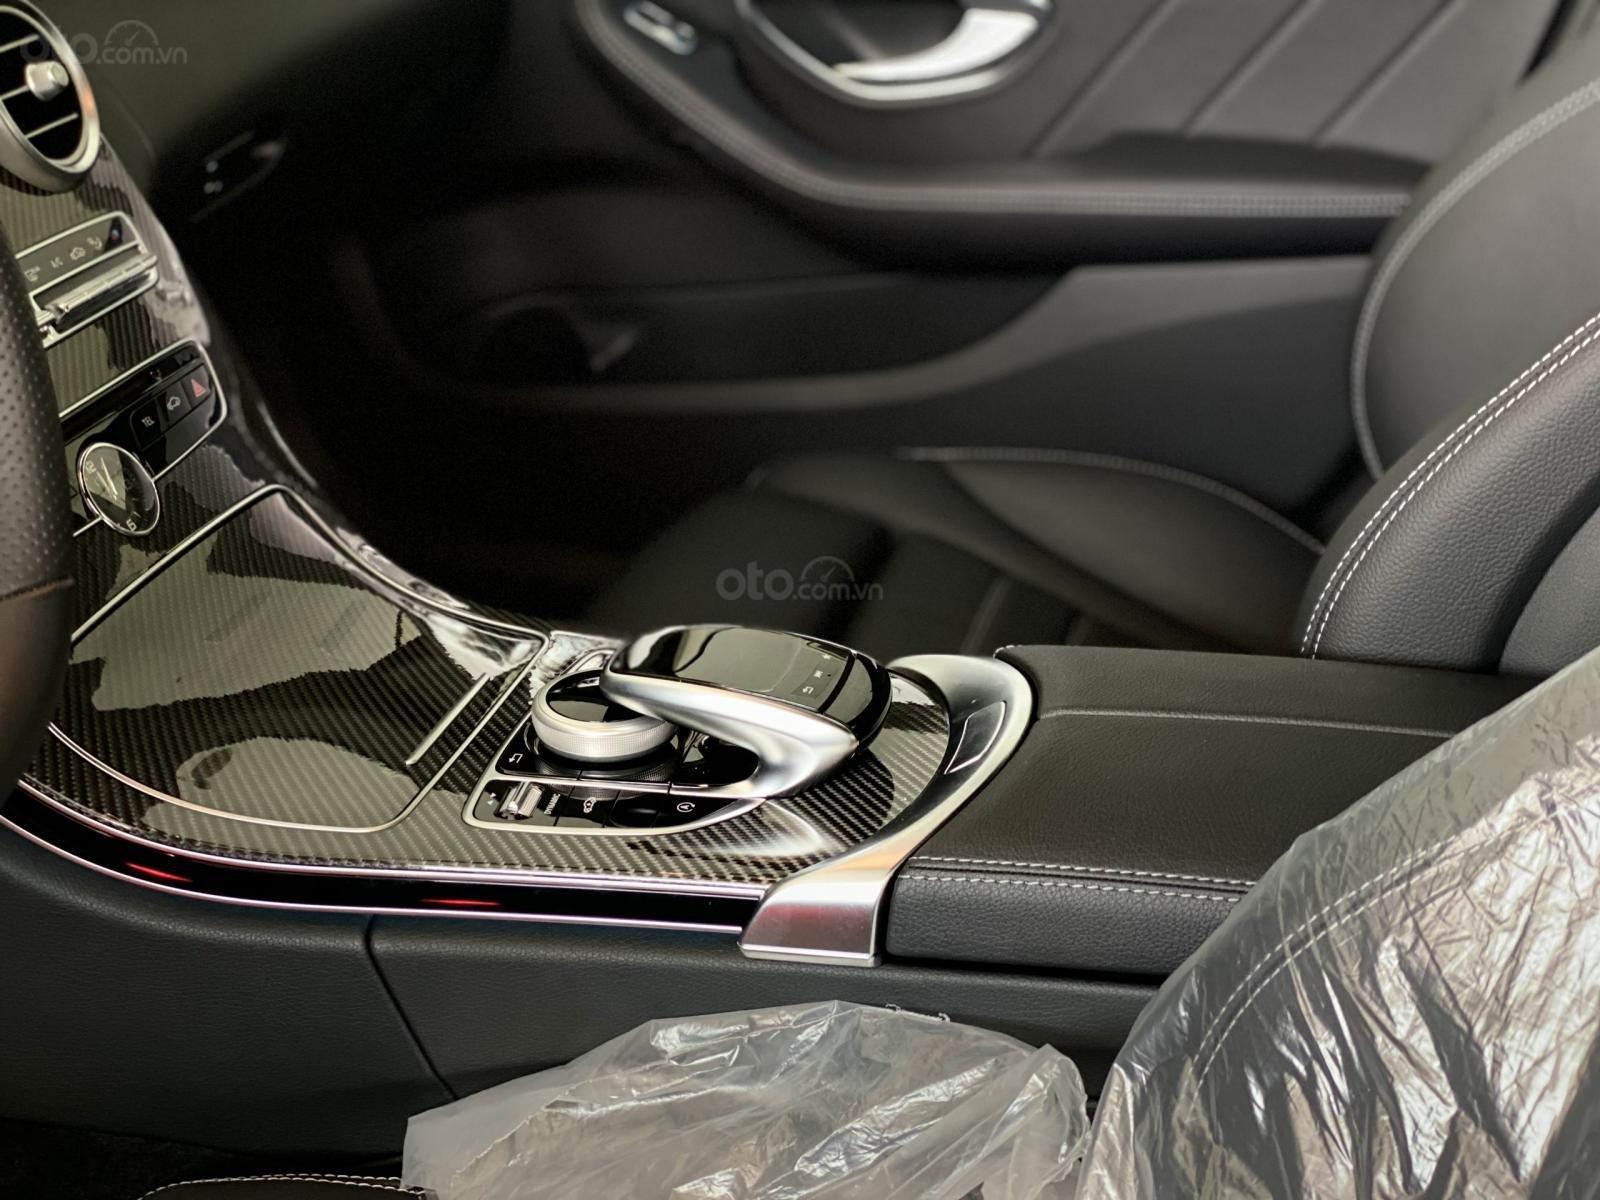 Bán Mercedes C300 AMG model 2018, bảo hành 5 năm, chính hãng, hỗ trợ trả góp (12)